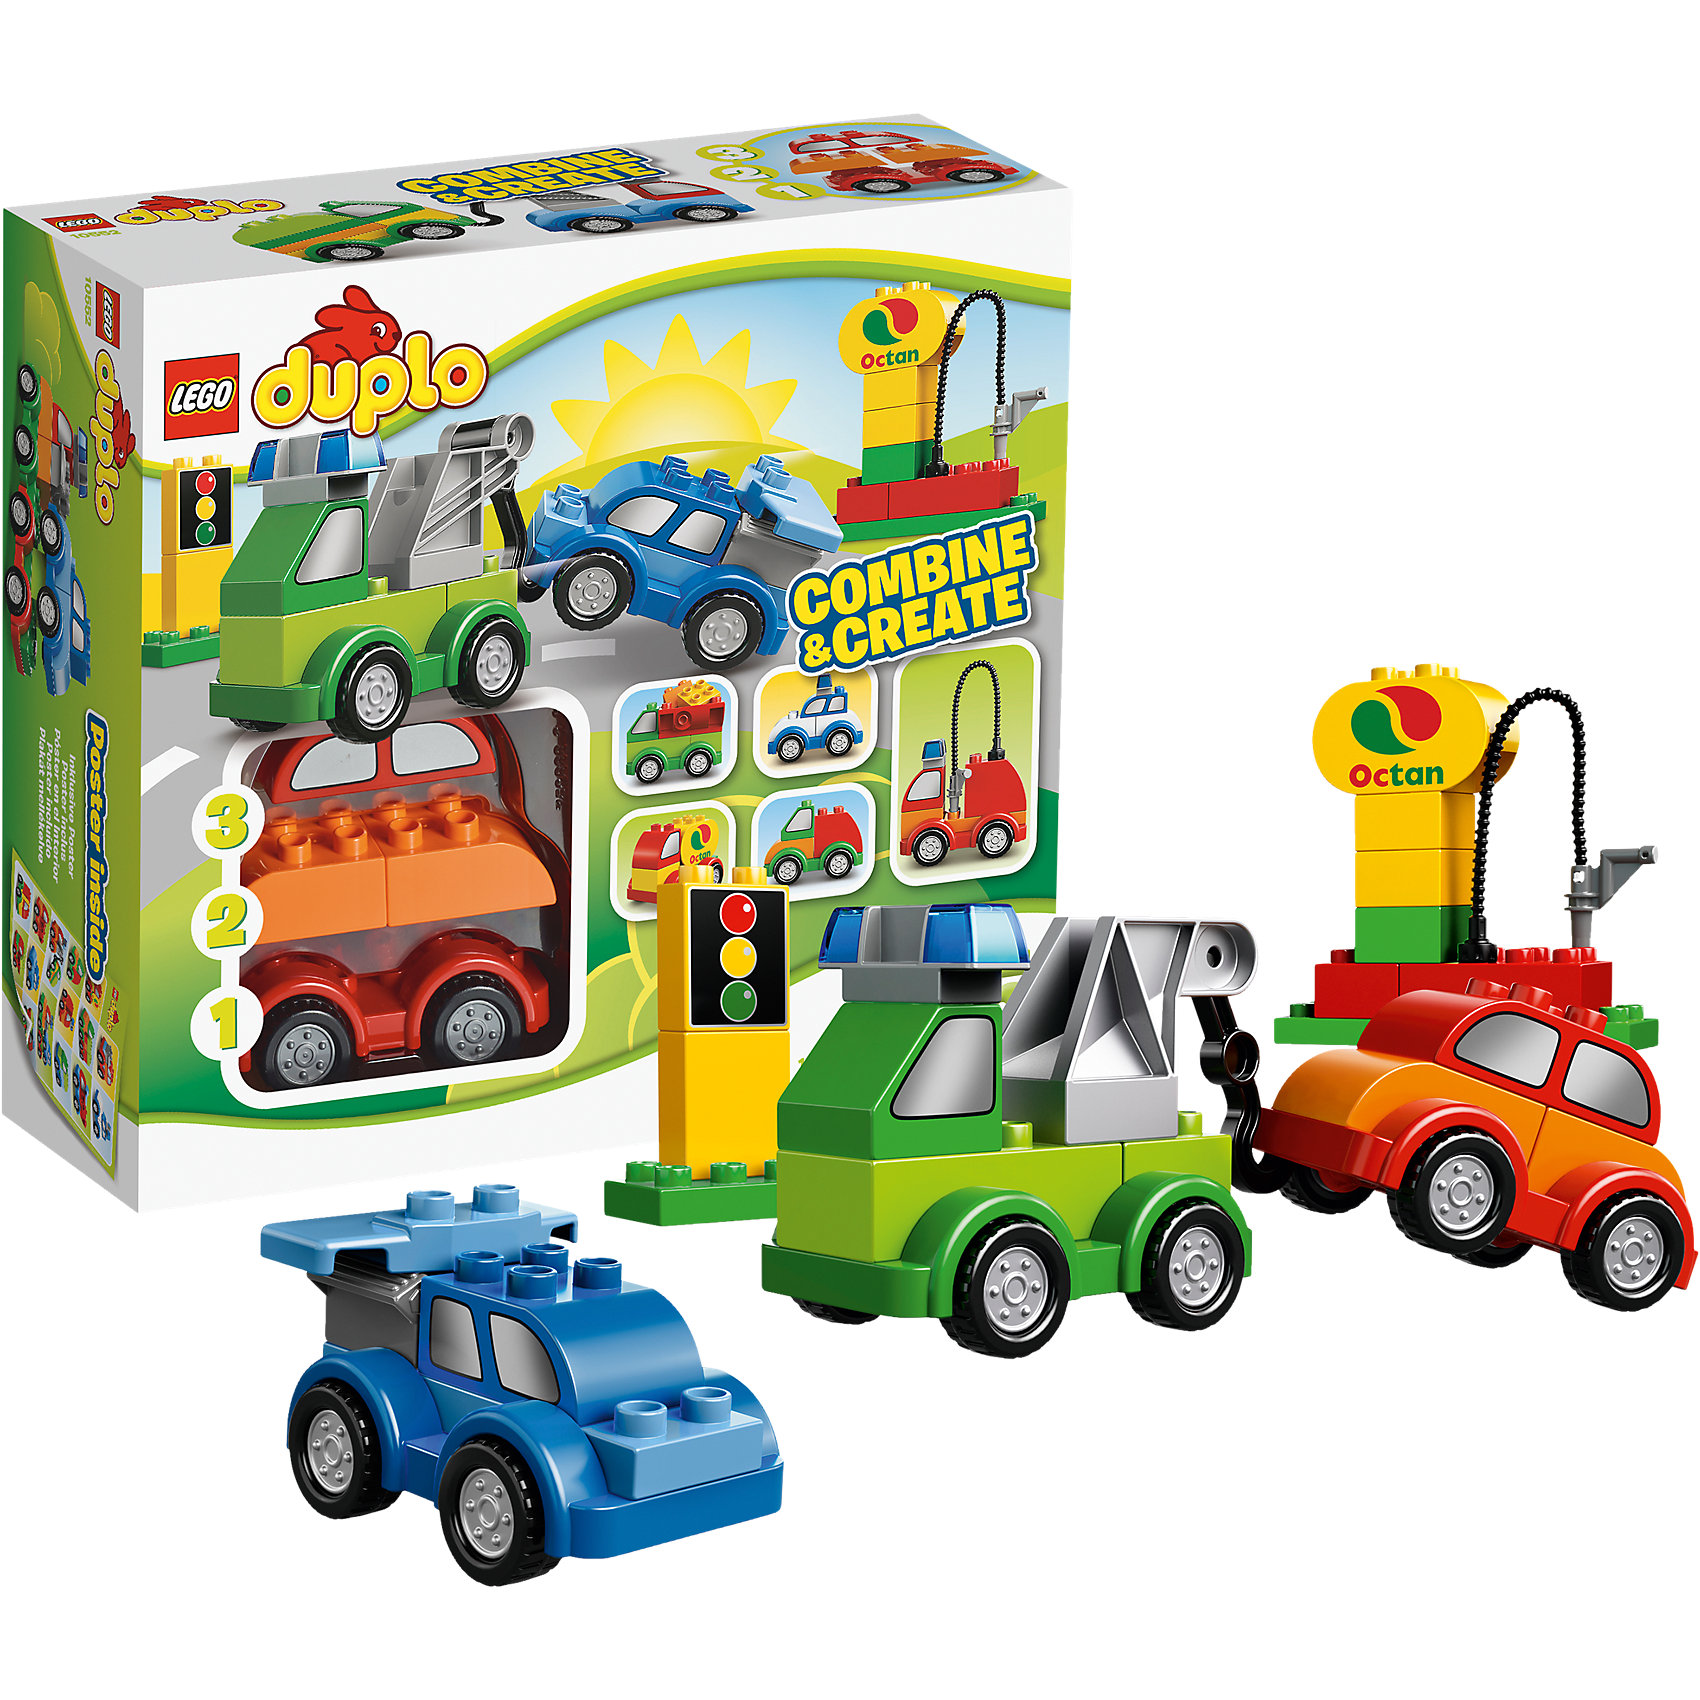 LEGO DUPLO 10552: Машинки-трансформерыС помощью наборы LEGO DUPLO (LEGO-Nr.: 10552) Ваш малыш сможет построить разнообразные машинки и изучить с их помощью город DUPLO.<br><br>От буксира до гоночной машины - благодаря этому набору Ваш малыш может экспериментировать и с помощью пары движений построить множество машинок. Всё это дополняется детальками из города DUPLO, которые изображают светофор и даже заправку.<br><br>Каждая из моделей состоит из трёх последовательных уровней. Нижний уровень представлен подвеской с четырьмя колёсами. Центральная часть разделена на капот и багажник. Верхушка отвечает за предназначение автомобиля и может быть самой разнообразной. На крышу полицейской машины можно установить сигнальные сирены, а на багажник гоночного автомобиля – задний спойлер.  Так же в наборе есть большой кран с лебёдкой, который можно установить на грузовик и превратить его в эвакуатор. Чтобы сделать игру реалистичнее, малыш сможет поставить на дороге светофор и заправочную станцию.<br><br>Дополнительная информация:<br><br>- 3 основы для машинок<br>- детали LEGO DUPLO с окнами, светофором, краном <br>- LEGO-Nr.: 10552<br>- Количество деталей: 40<br><br>Конструктор LEGO DUPLO 10552: Машинки-трансформеры можно купить в нашем магазине.<br><br>Ширина мм: 285<br>Глубина мм: 258<br>Высота мм: 97<br>Вес г: 753<br>Возраст от месяцев: 18<br>Возраст до месяцев: 36<br>Пол: Мужской<br>Возраст: Детский<br>SKU: 2540606